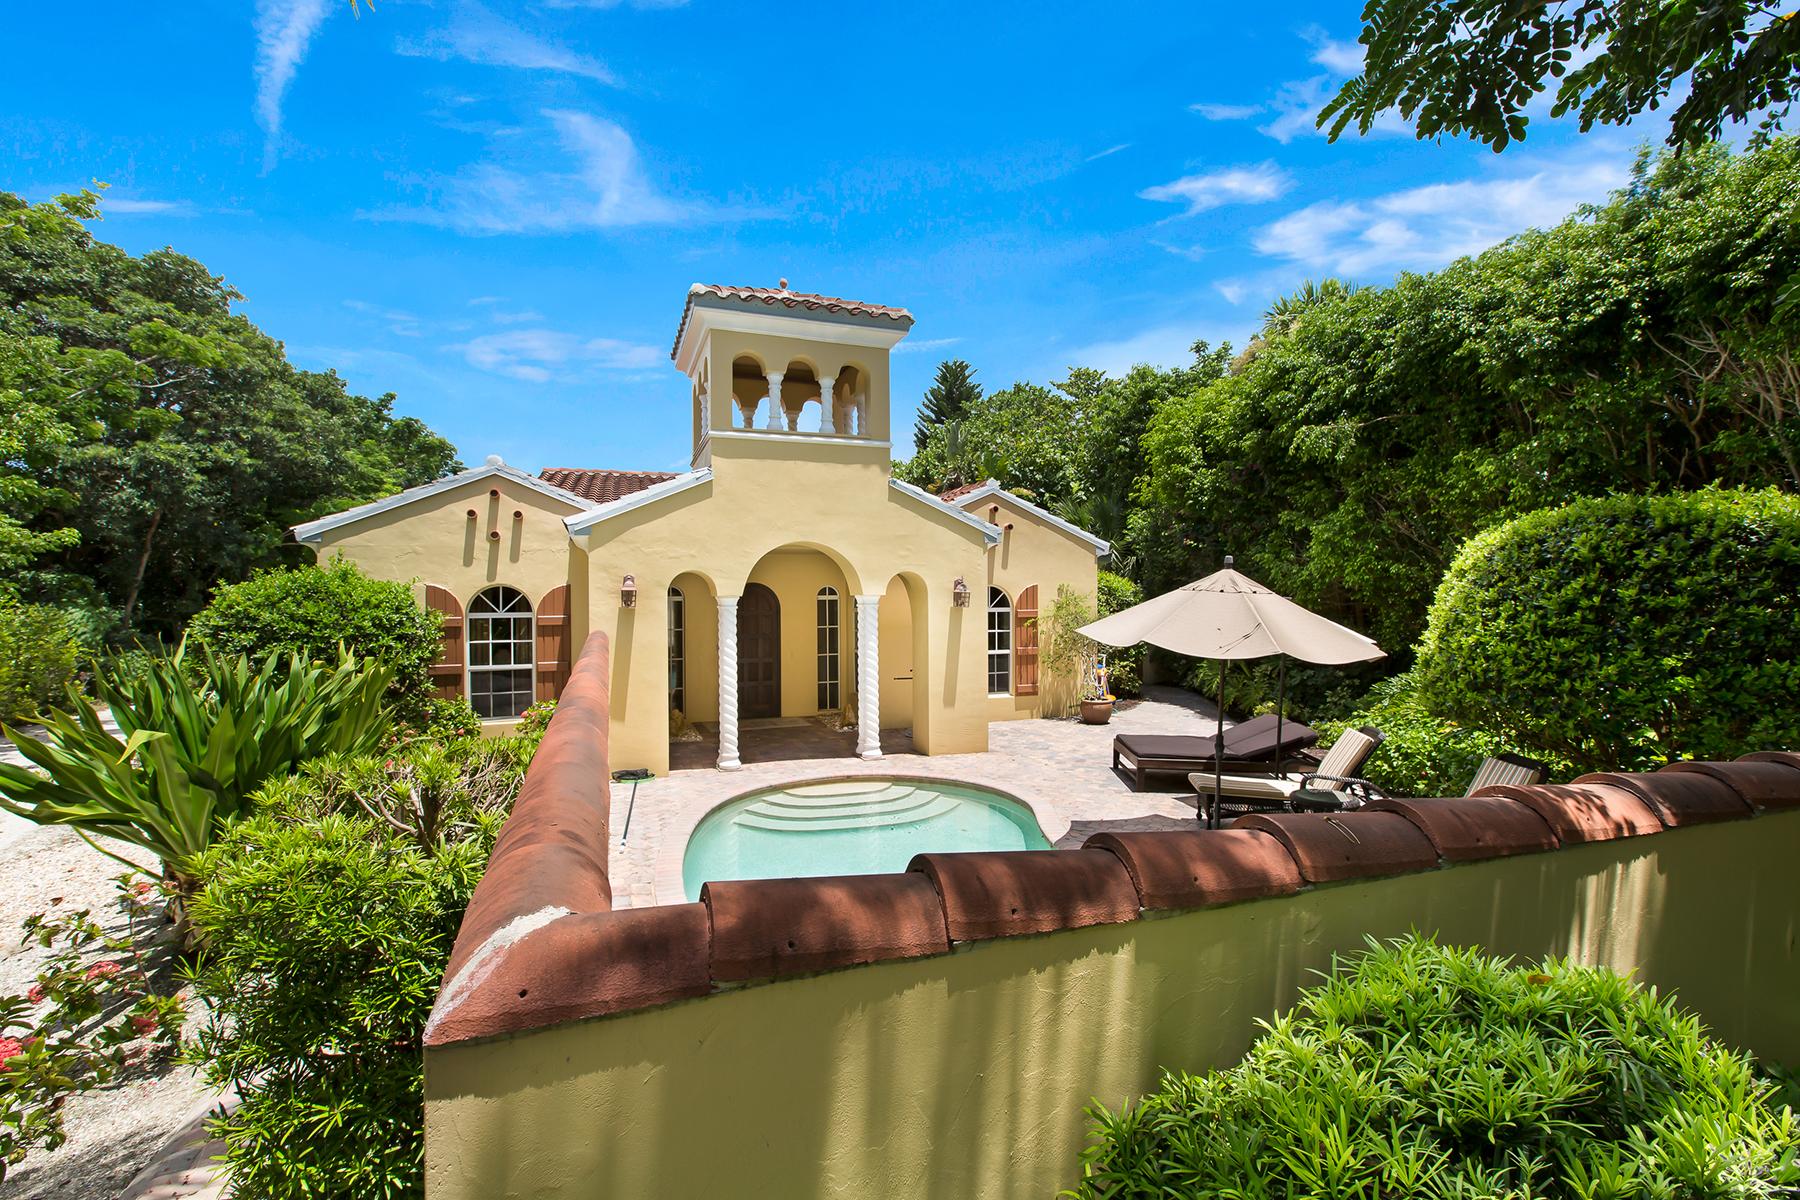 Casa Unifamiliar por un Venta en CAPTIVA 16167 Captiva Dr Captiva, Florida 33924 Estados Unidos